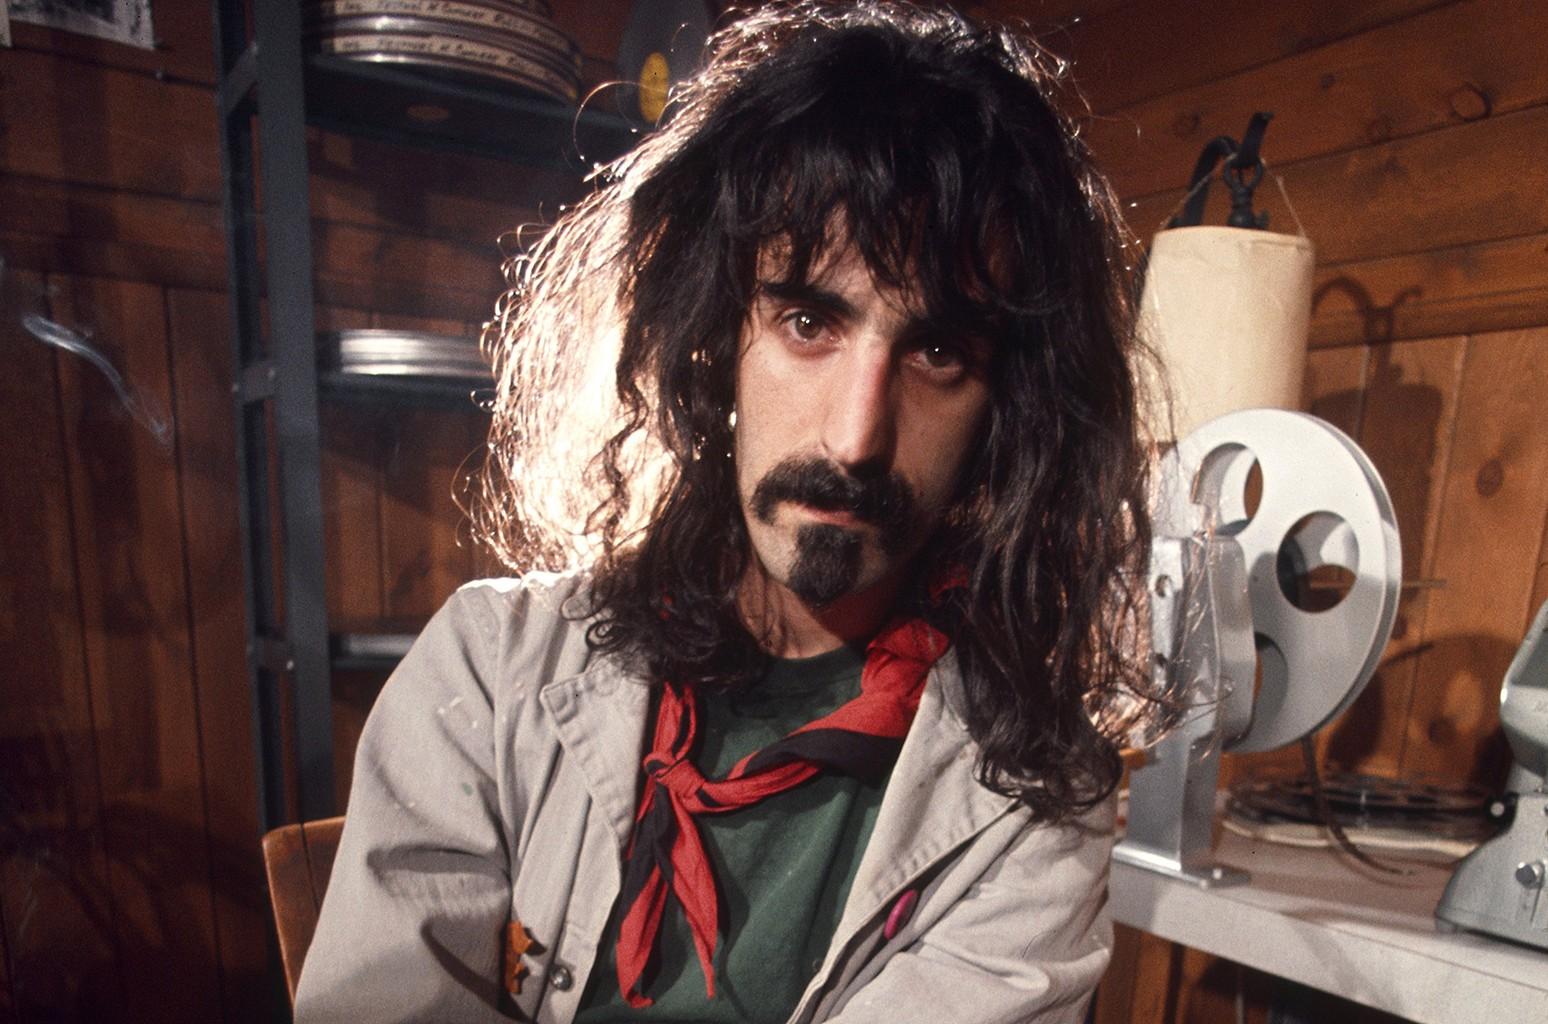 Frank Zappa in 1972